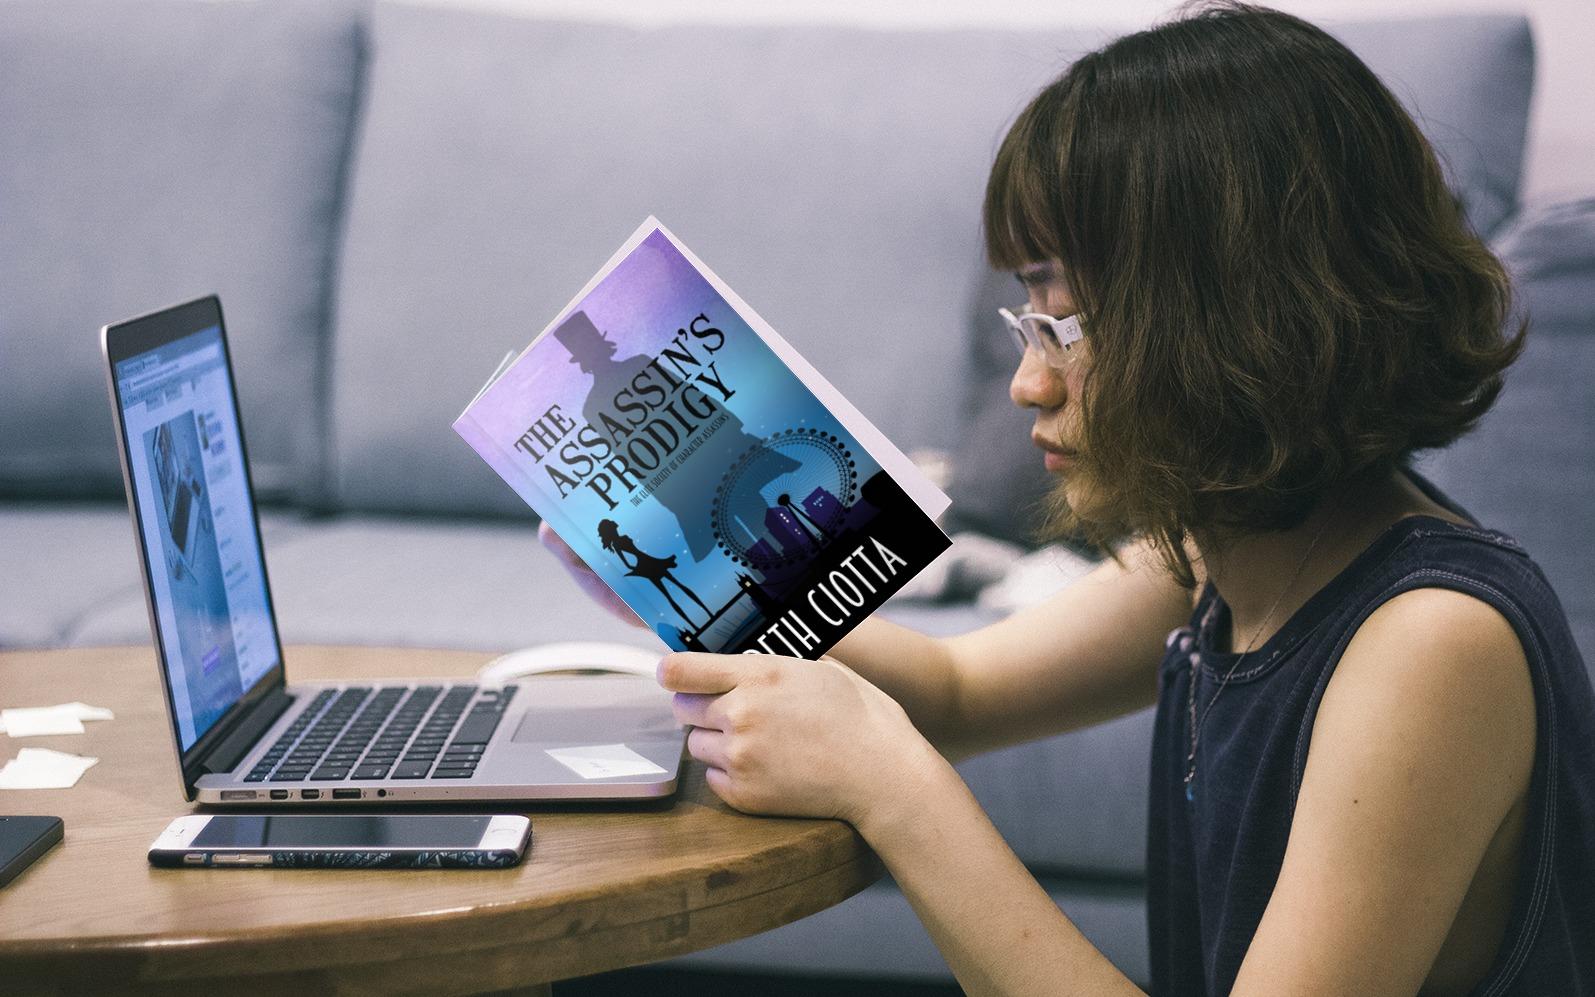 TAP girl print book